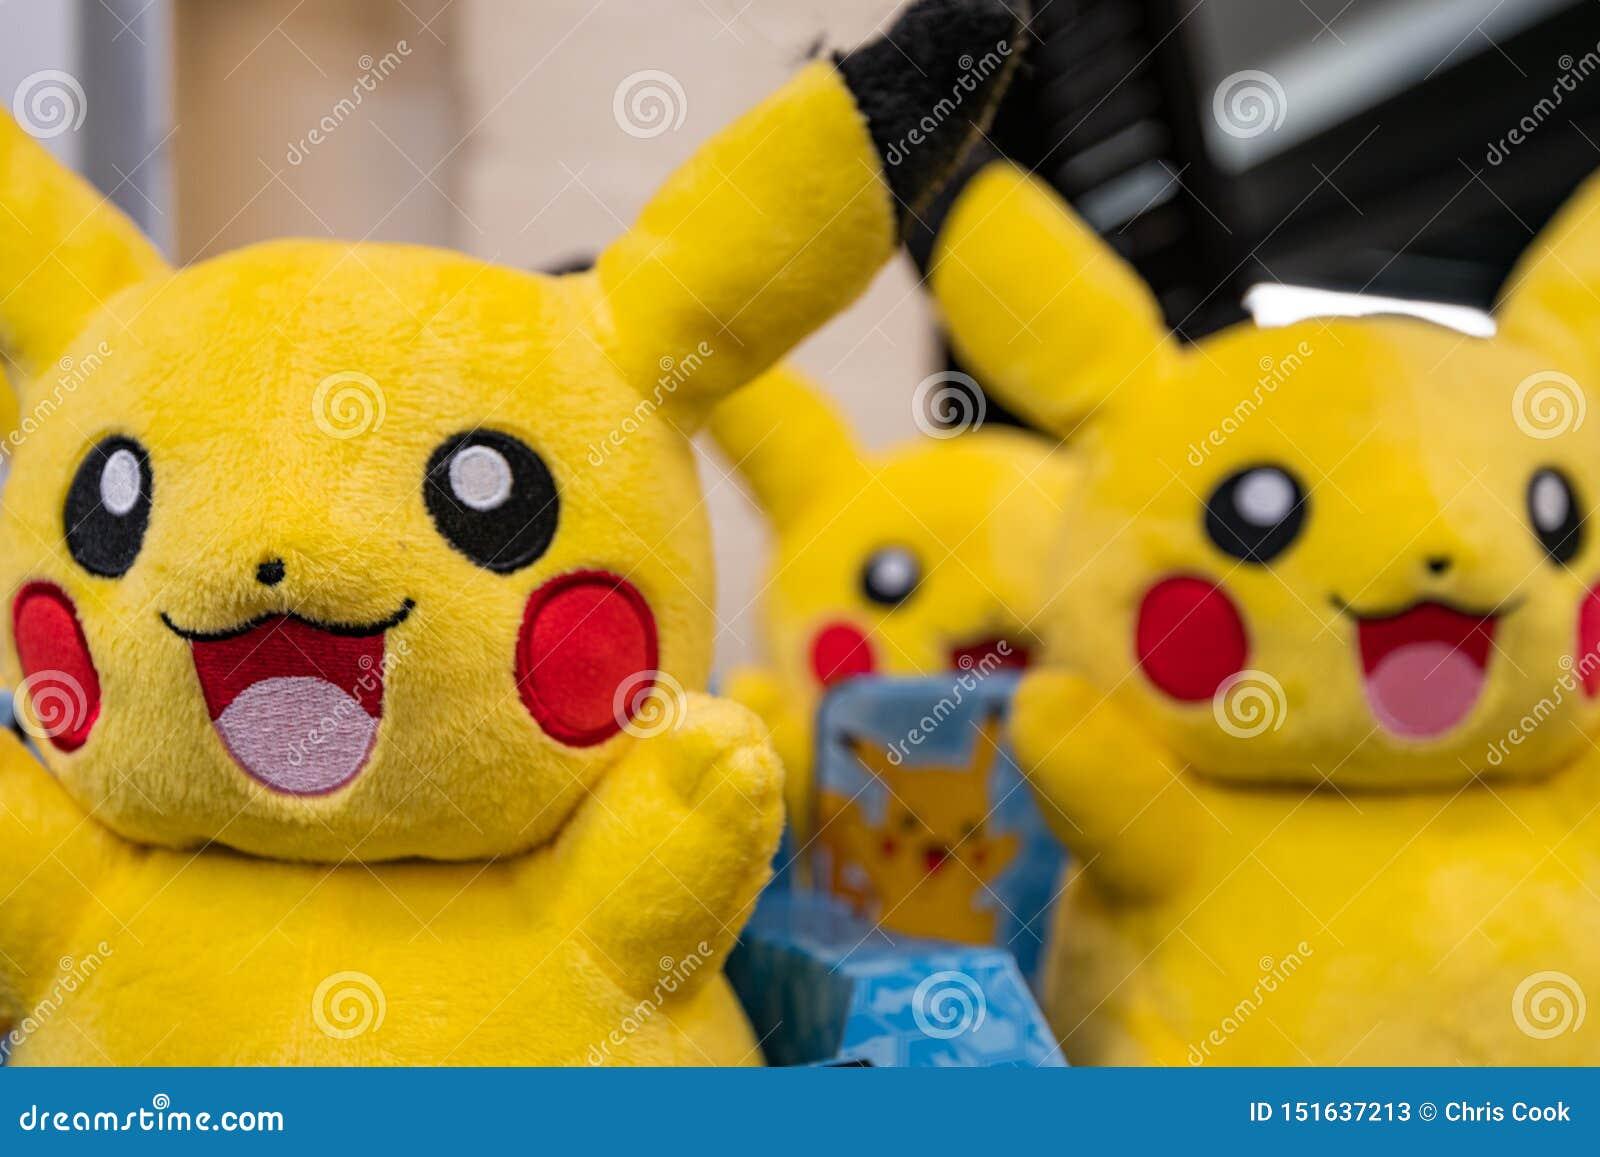 CHESTER UK - 26TH JUNI 2019: Grupper av Pikachu plyscher sitter på en hylla som väntar på upphetsade barn att komma att köpa dem